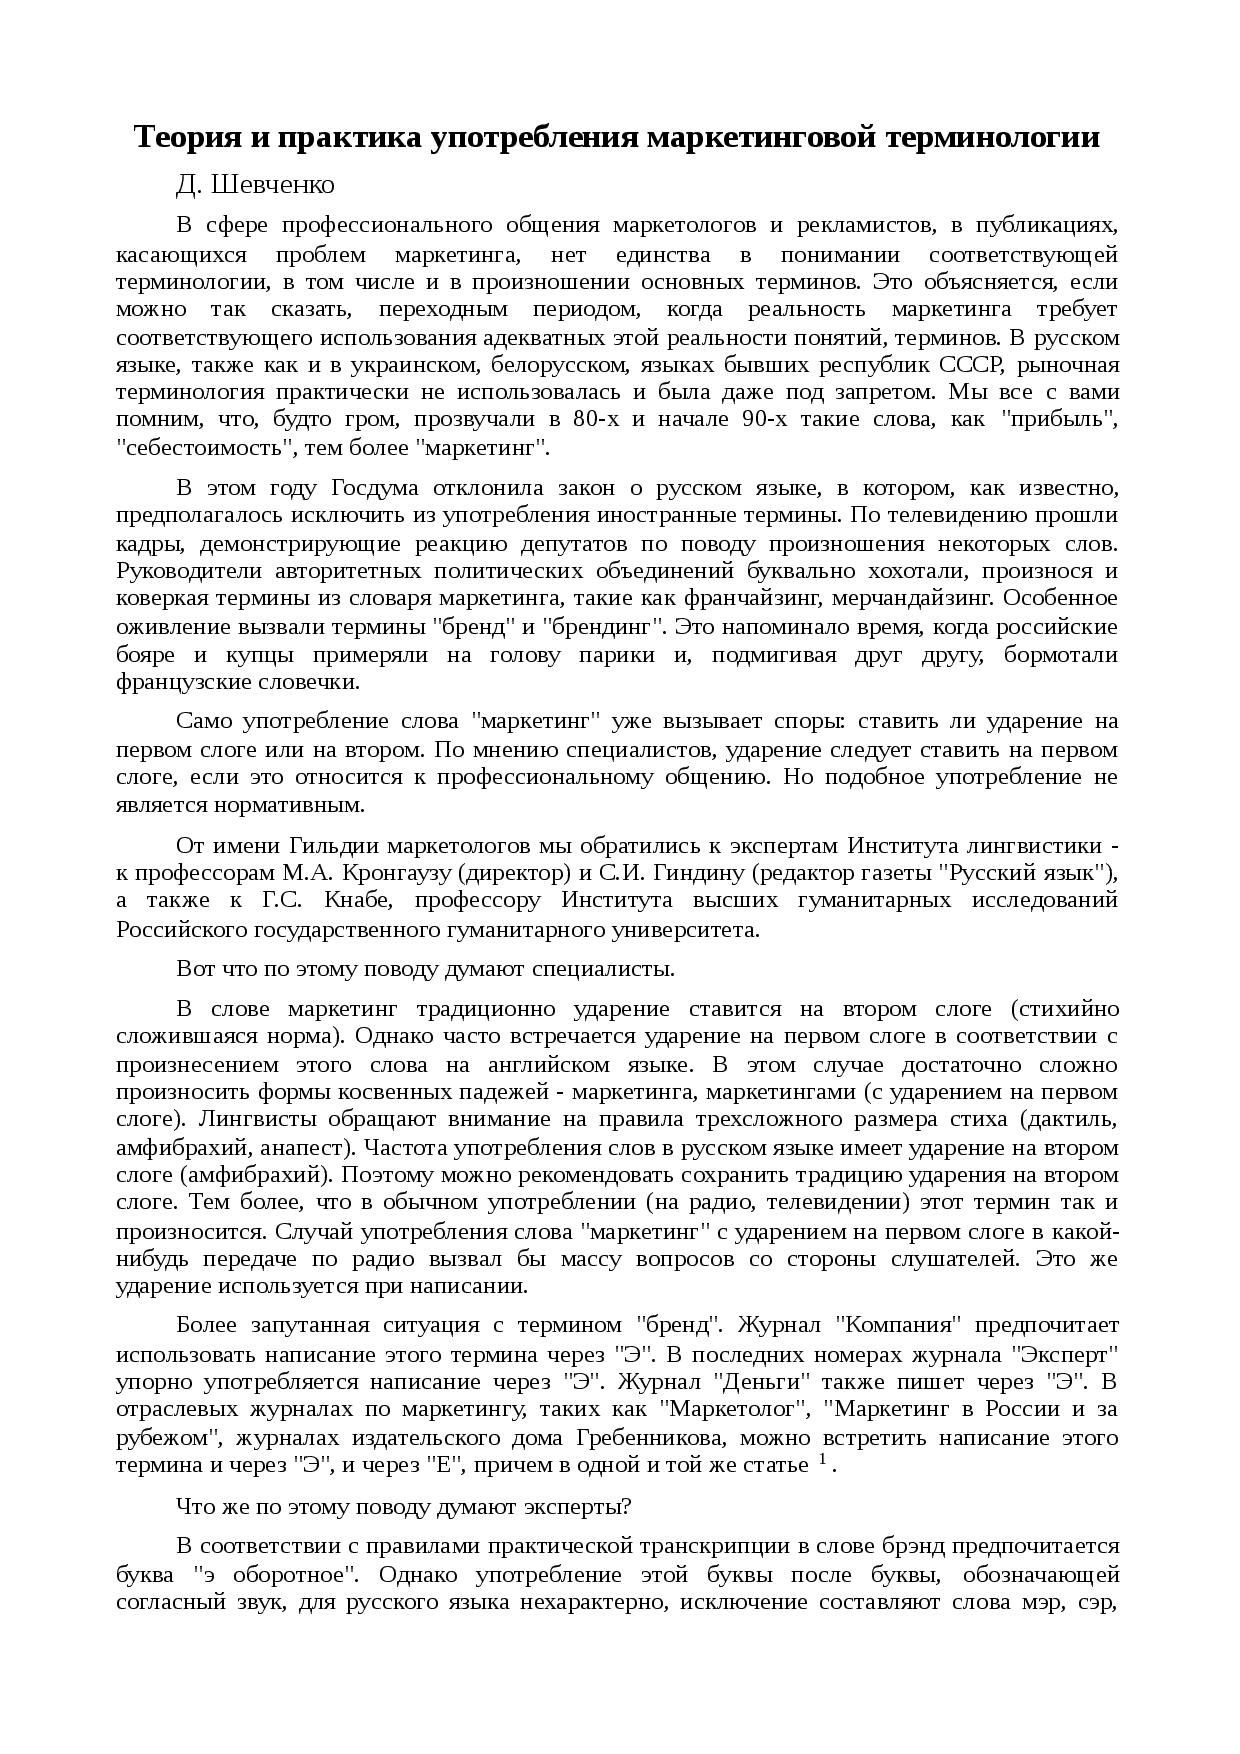 Профессионализмы — что это такое, примеры слов в русском языке   ktonanovenkogo.ru